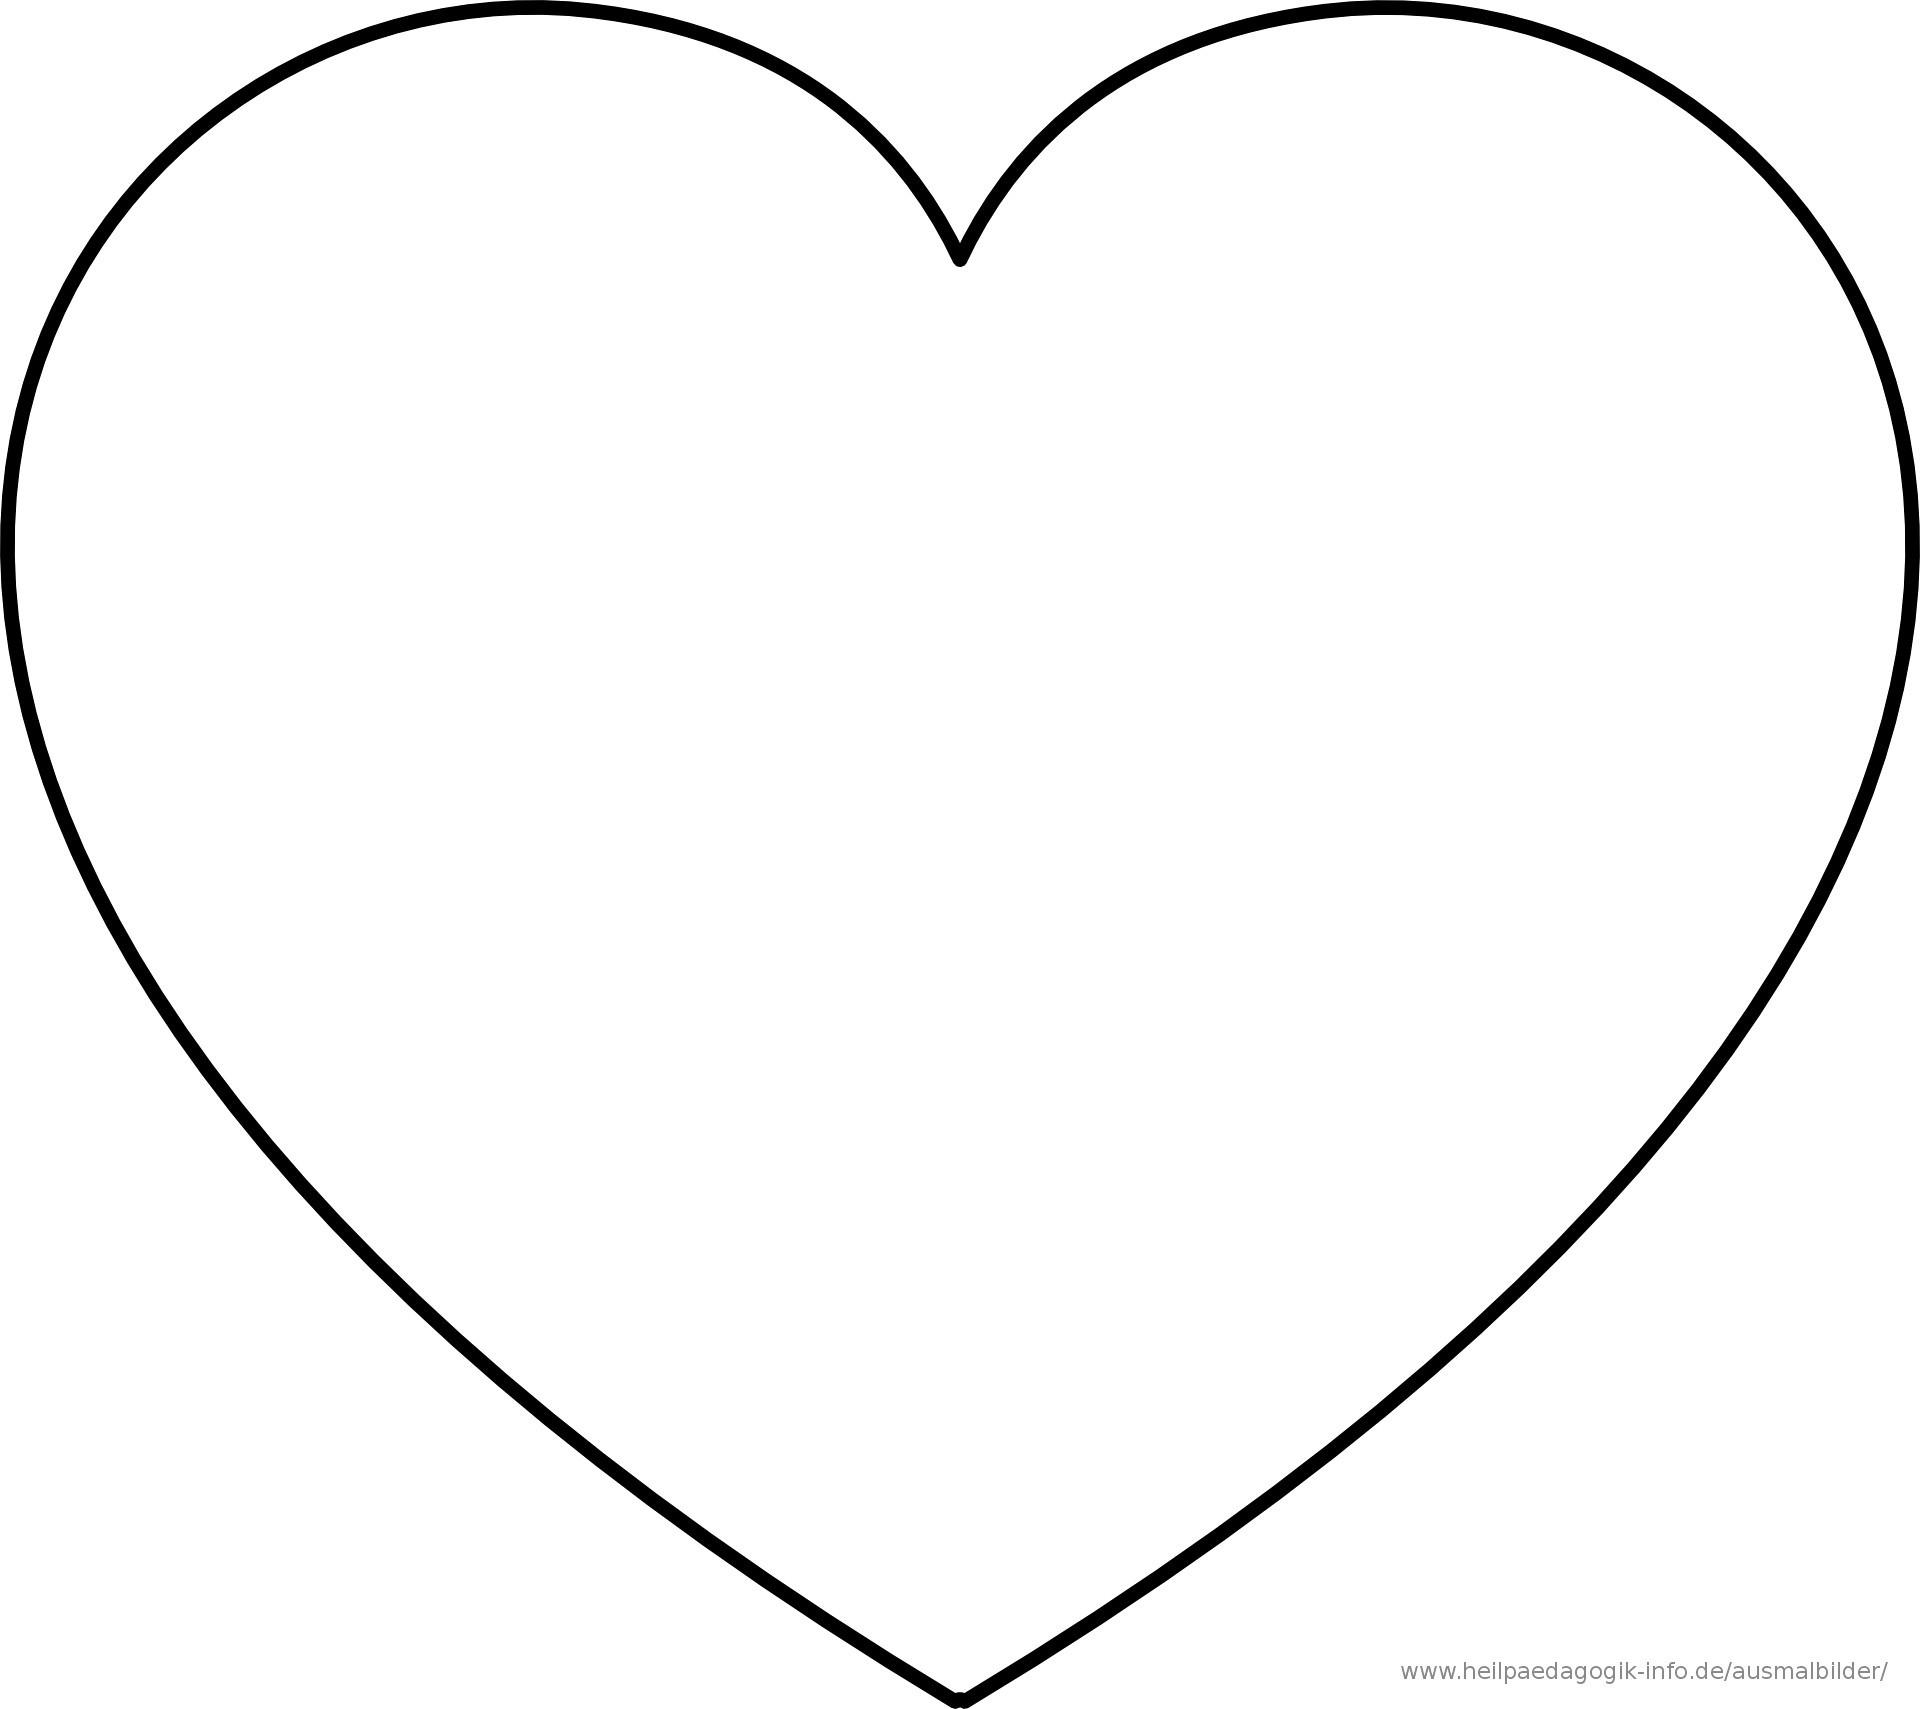 Mandalas Zum Ausdrucken Herzen Das Beste Von Herz Malvorlagen Zum Ausdrucken My Blog Avec Herz Malen Vorlage Et Fotos